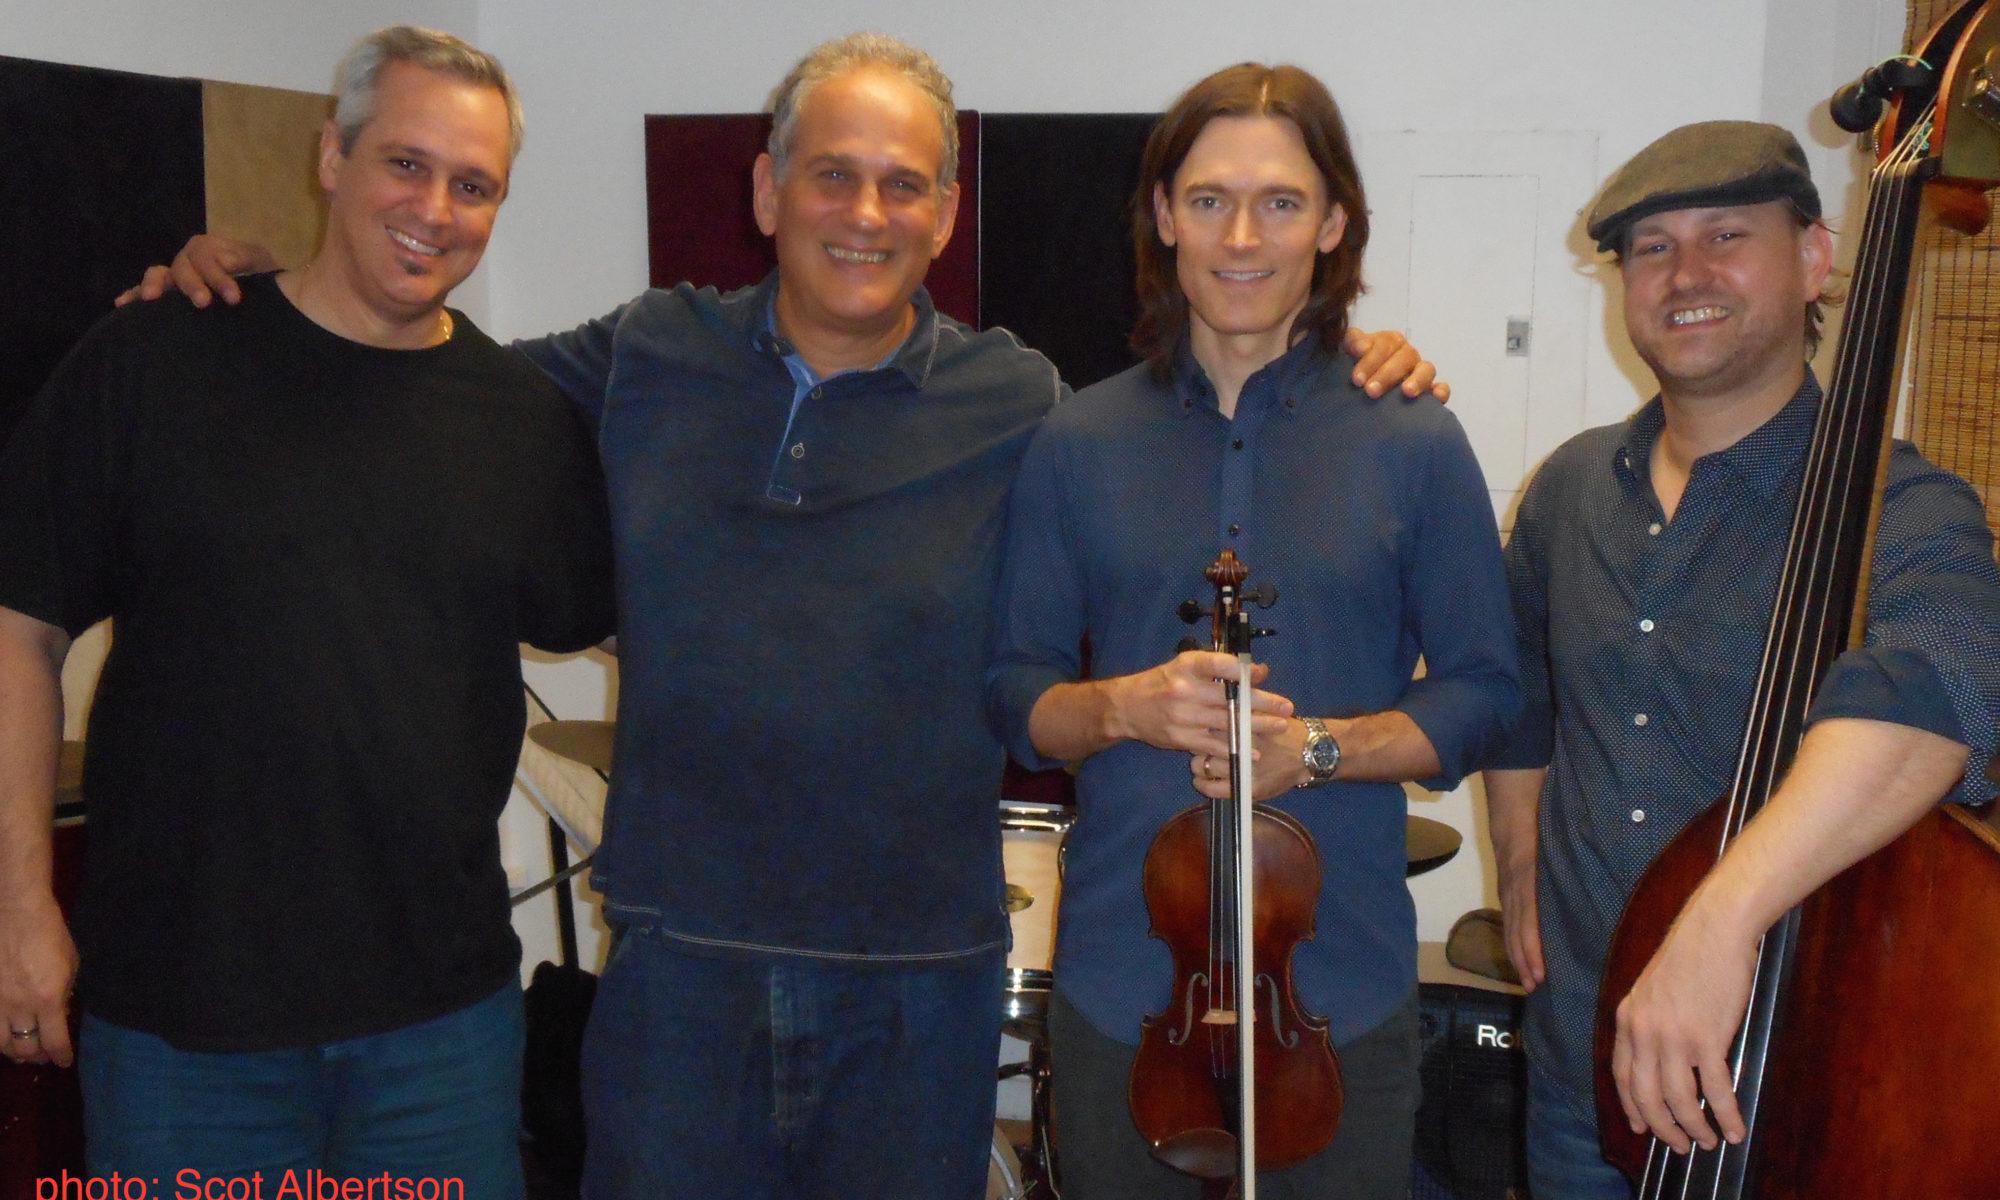 Steve Sandberg Music